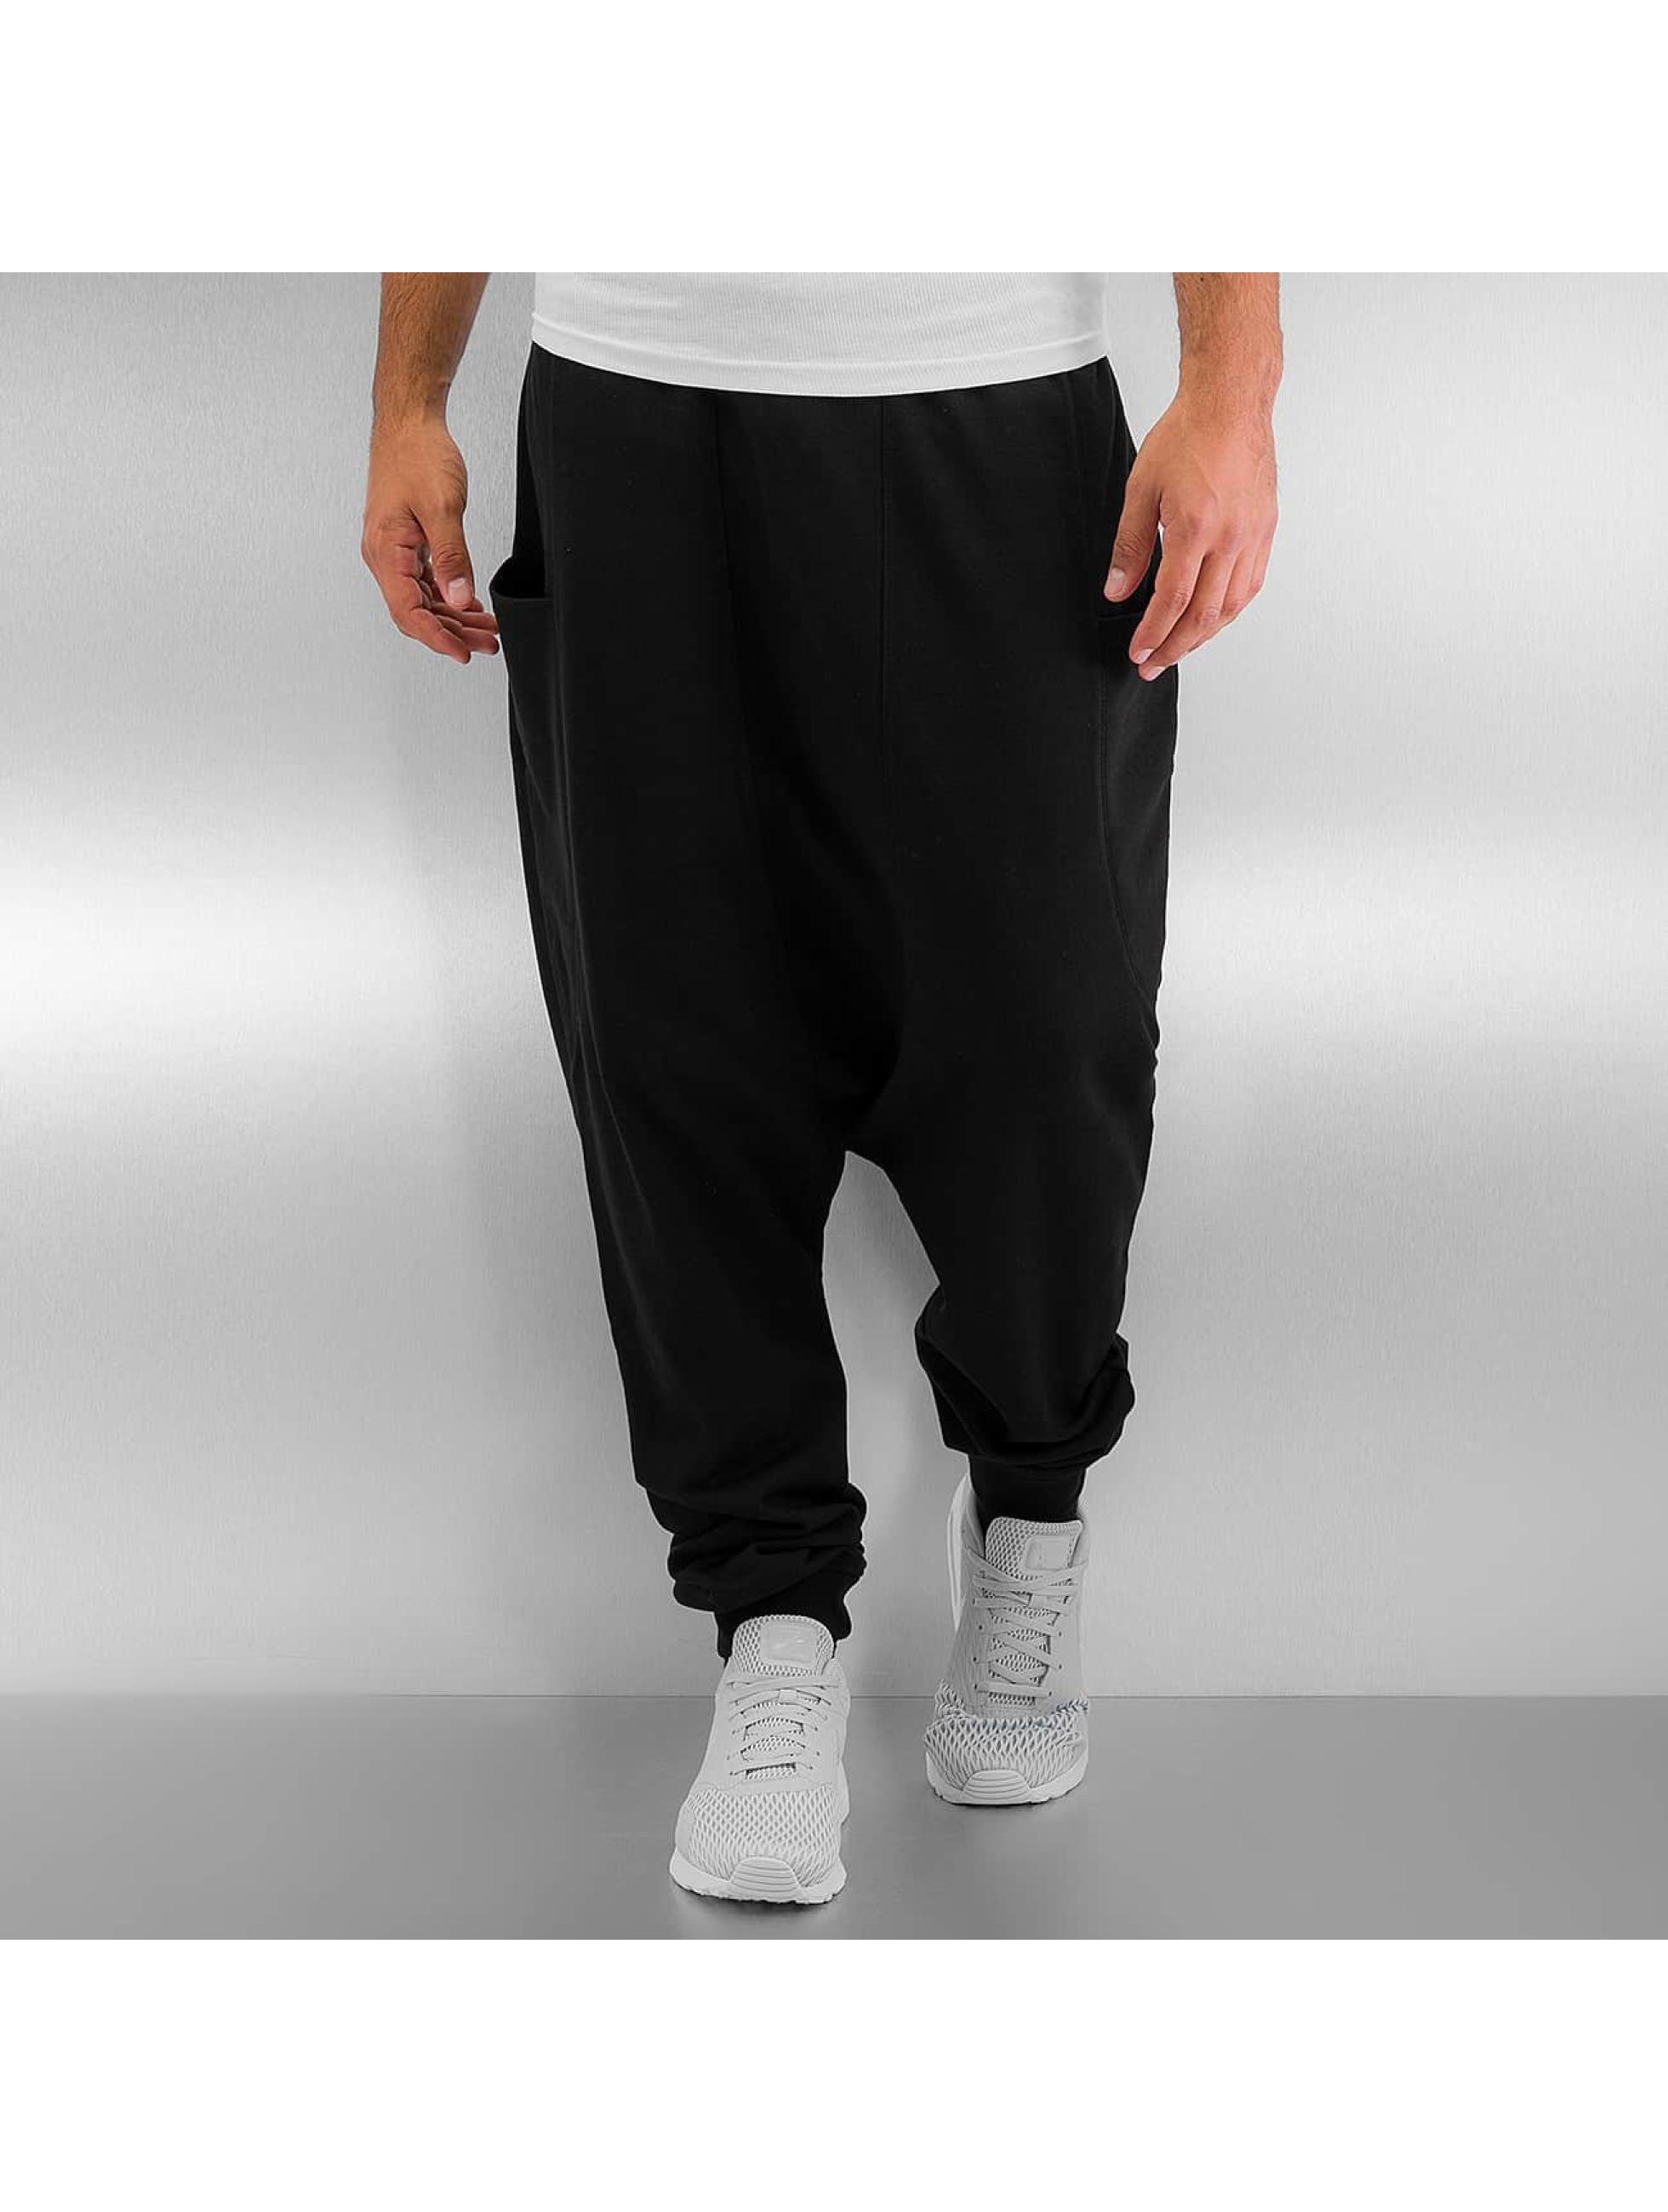 Bangastic Sweat Pant Anti Fit black